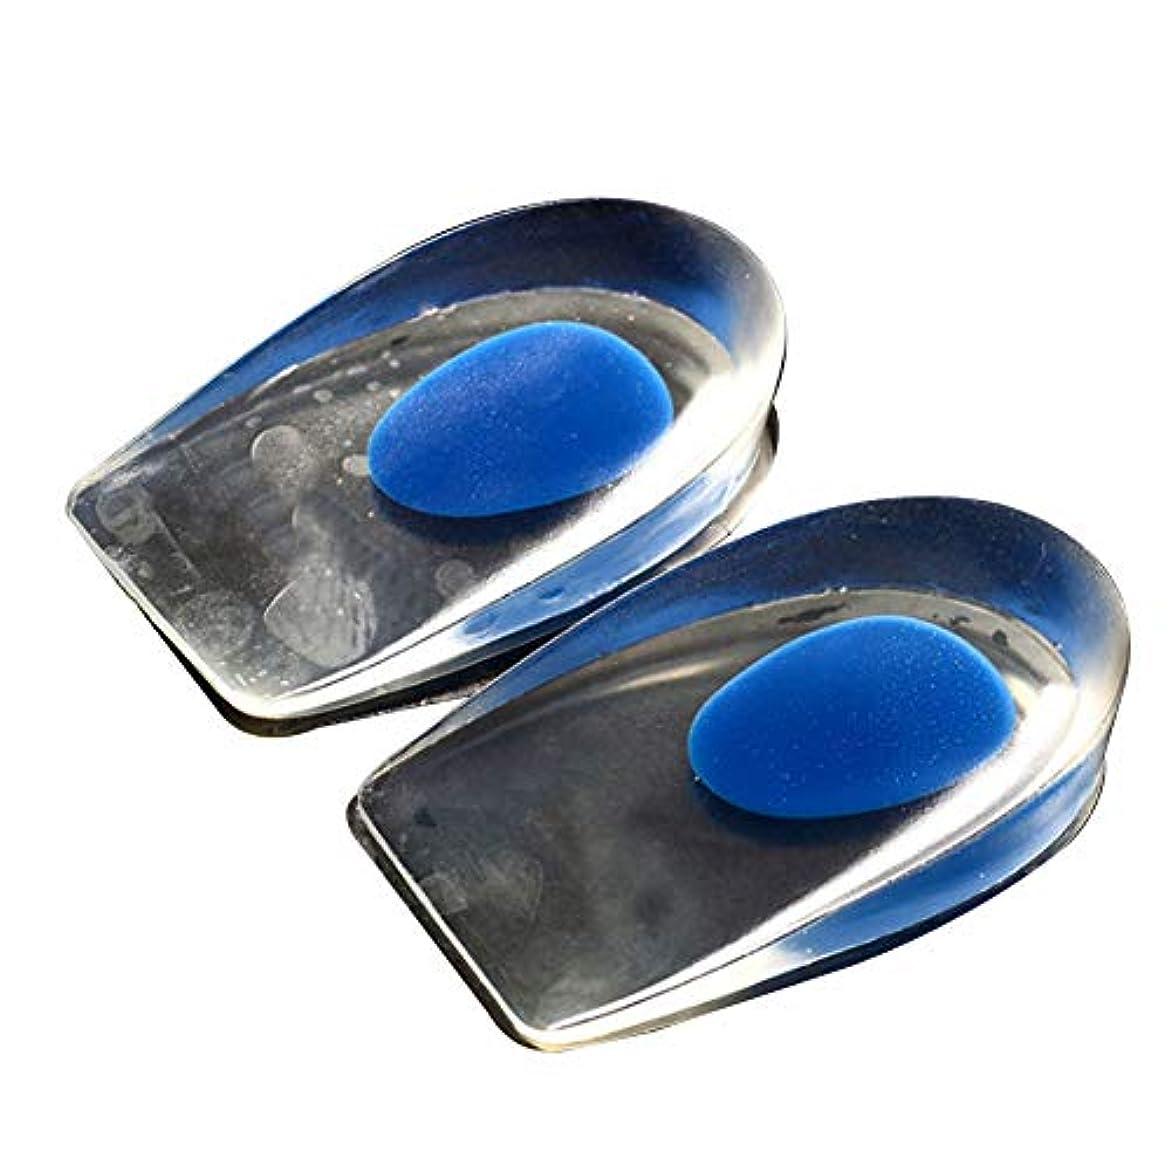 クライストチャーチ疼痛立法Happysource 足用保護パッド1ペアジェルヒールカップ足底筋膜炎は、骨の拍車の痛みを軽減するためのシリコンヒールカップパッド